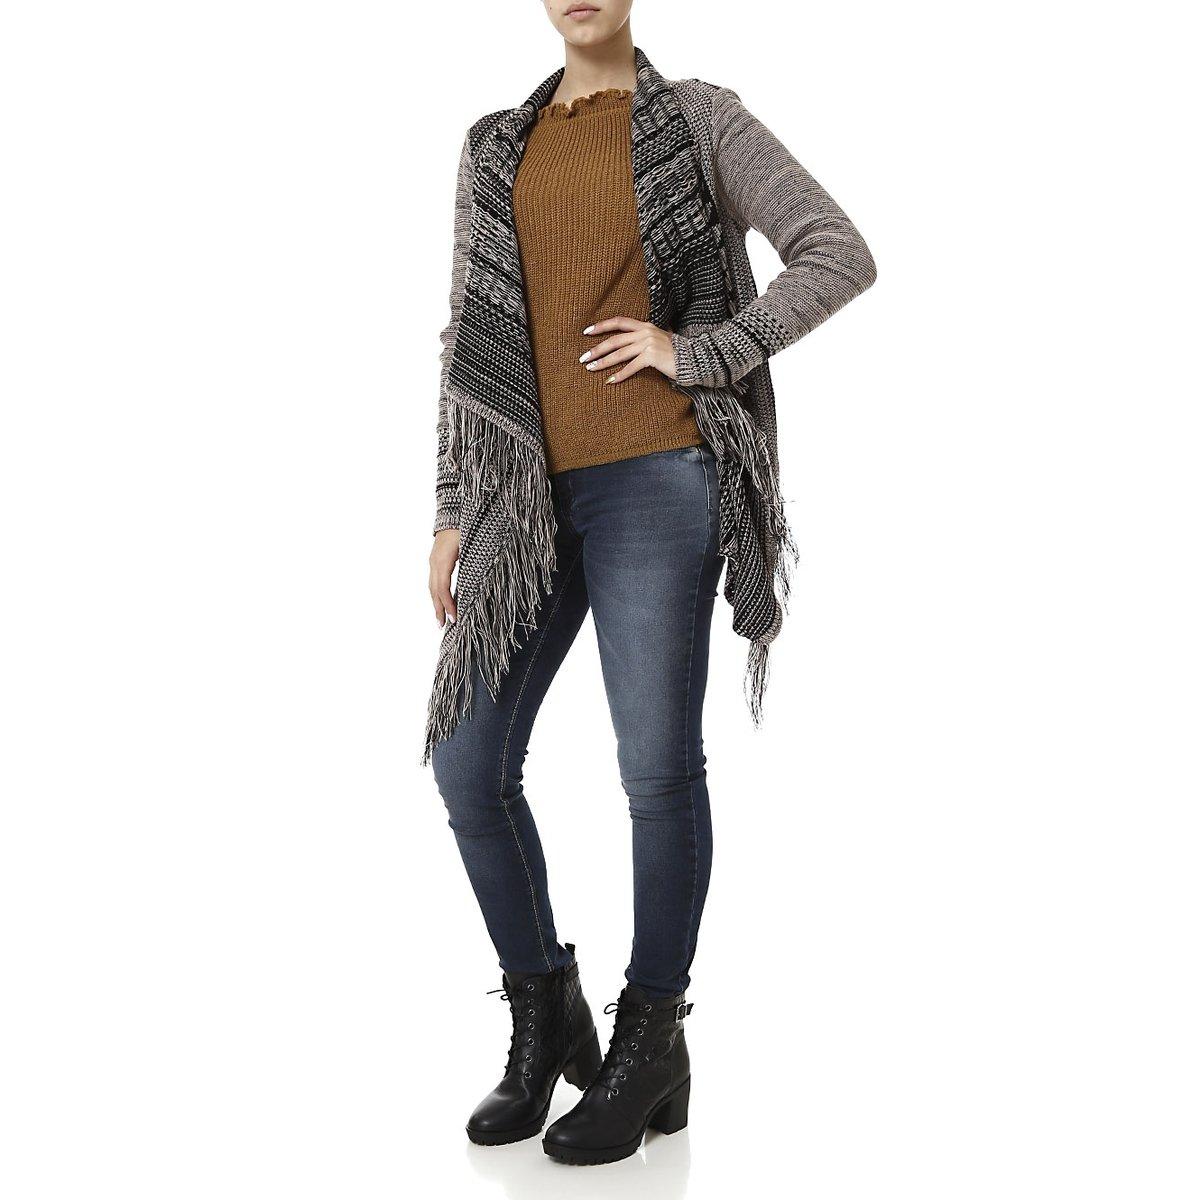 418ce62b13 Calça Jeans Feminina Murano - Compre Agora